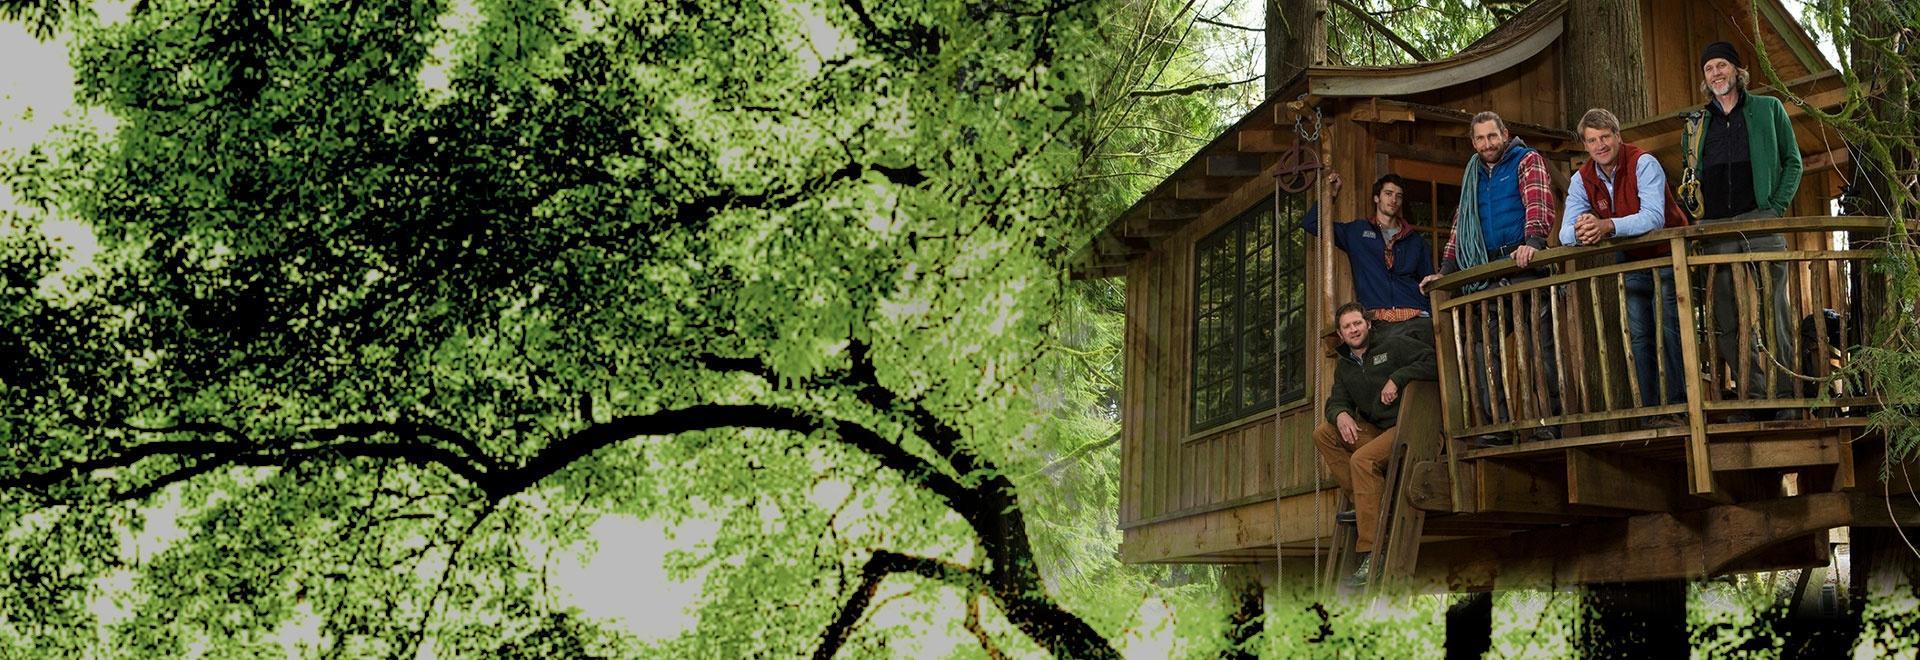 Utopia sull'albero